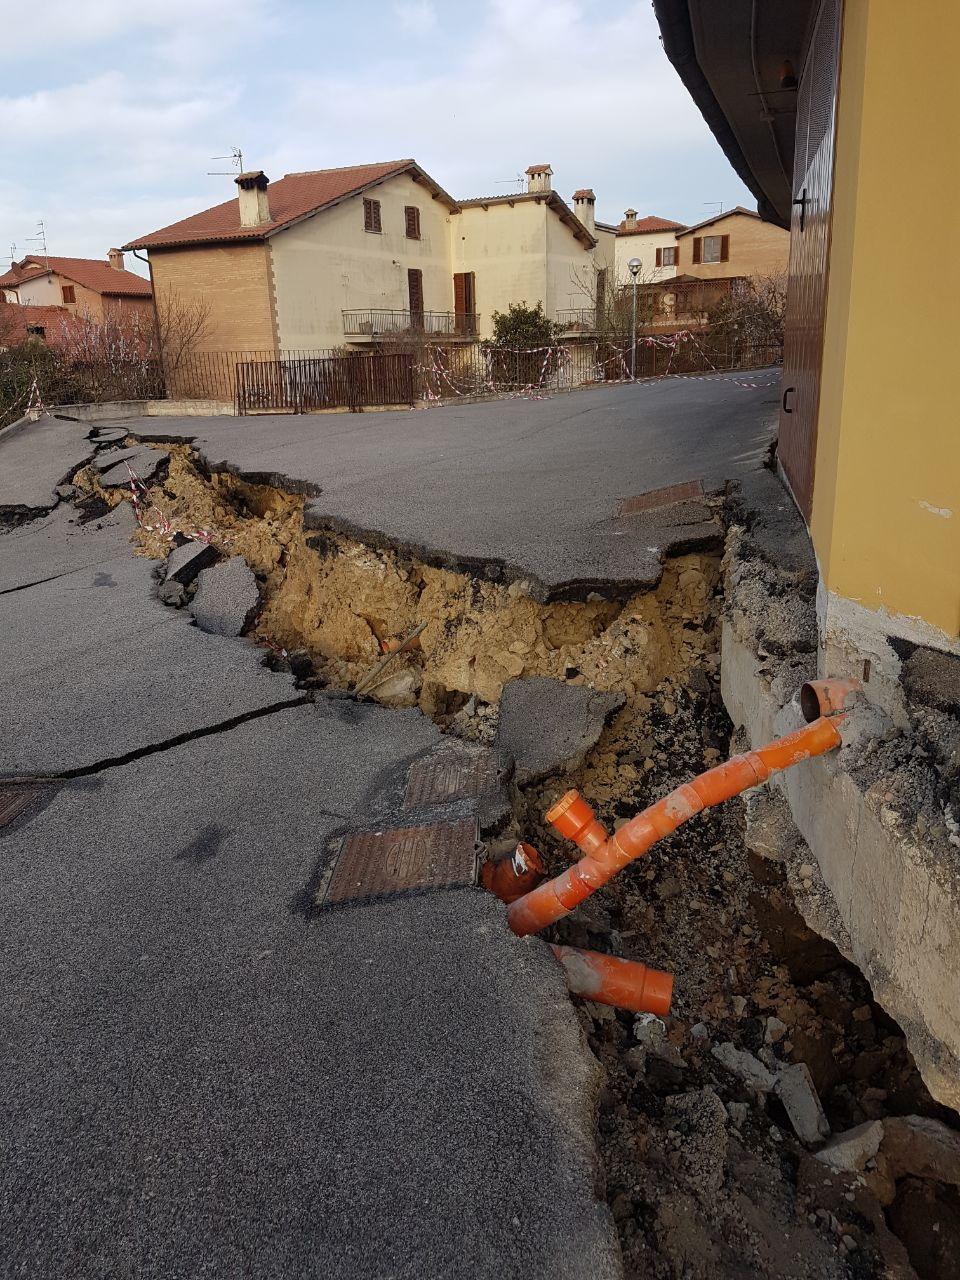 Frana strada a Montalcino